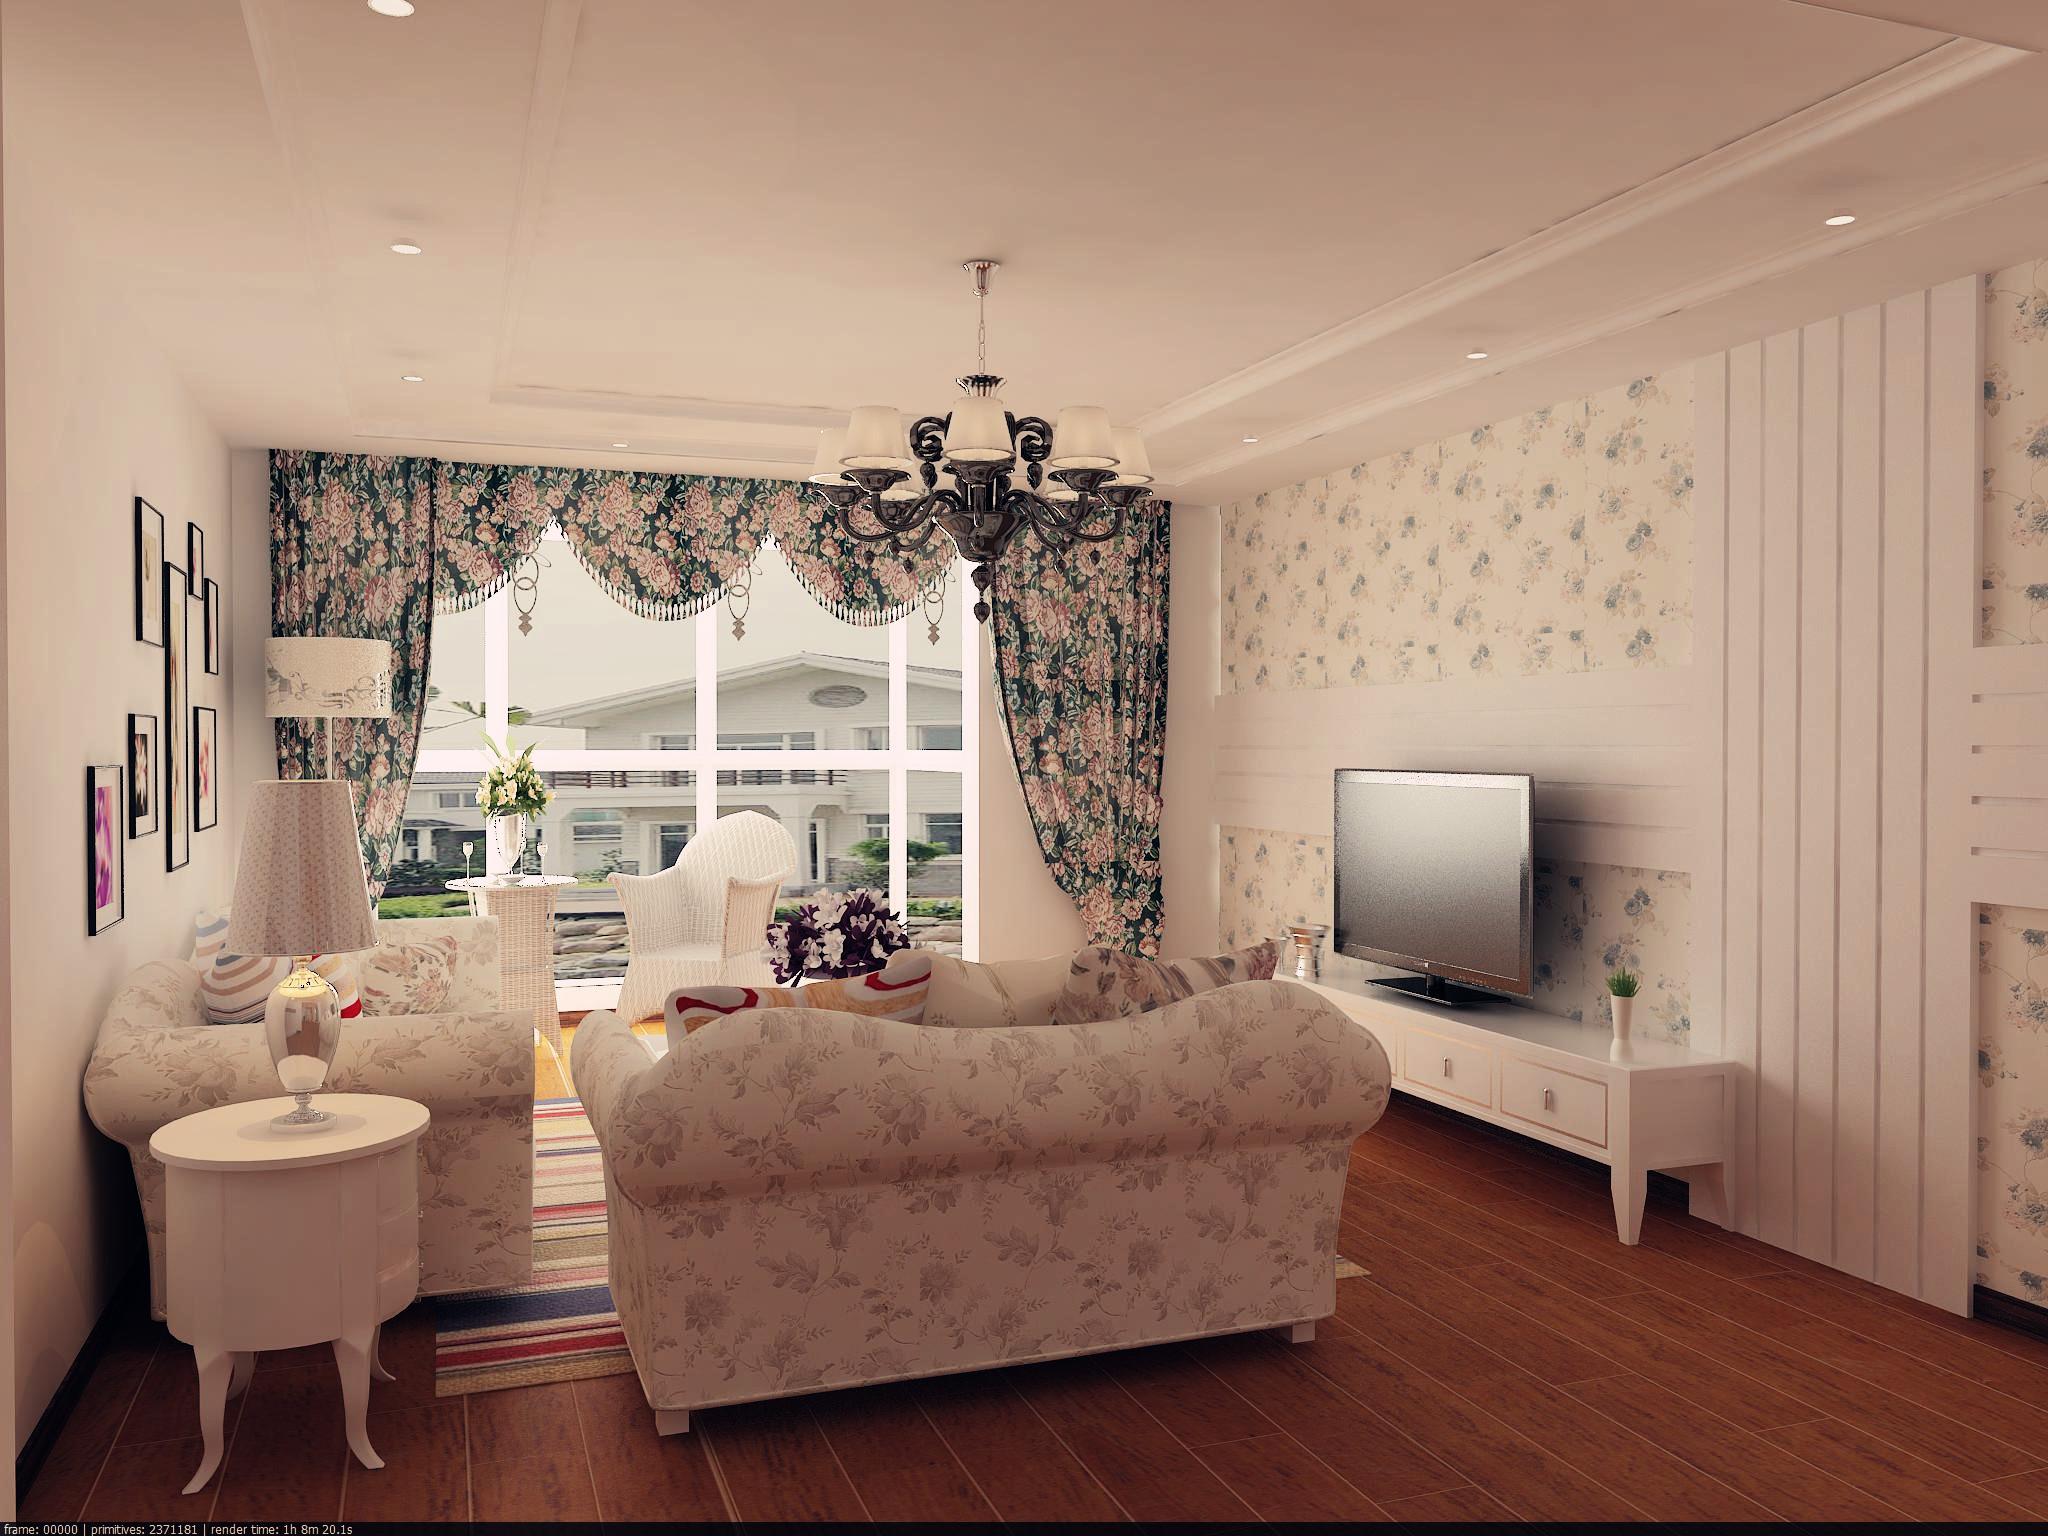 三居 田园 80后 现代田园 小清新 自然舒适 客厅图片来自实创装饰都琳在首开熙悦山—三居室现代田园风格的分享